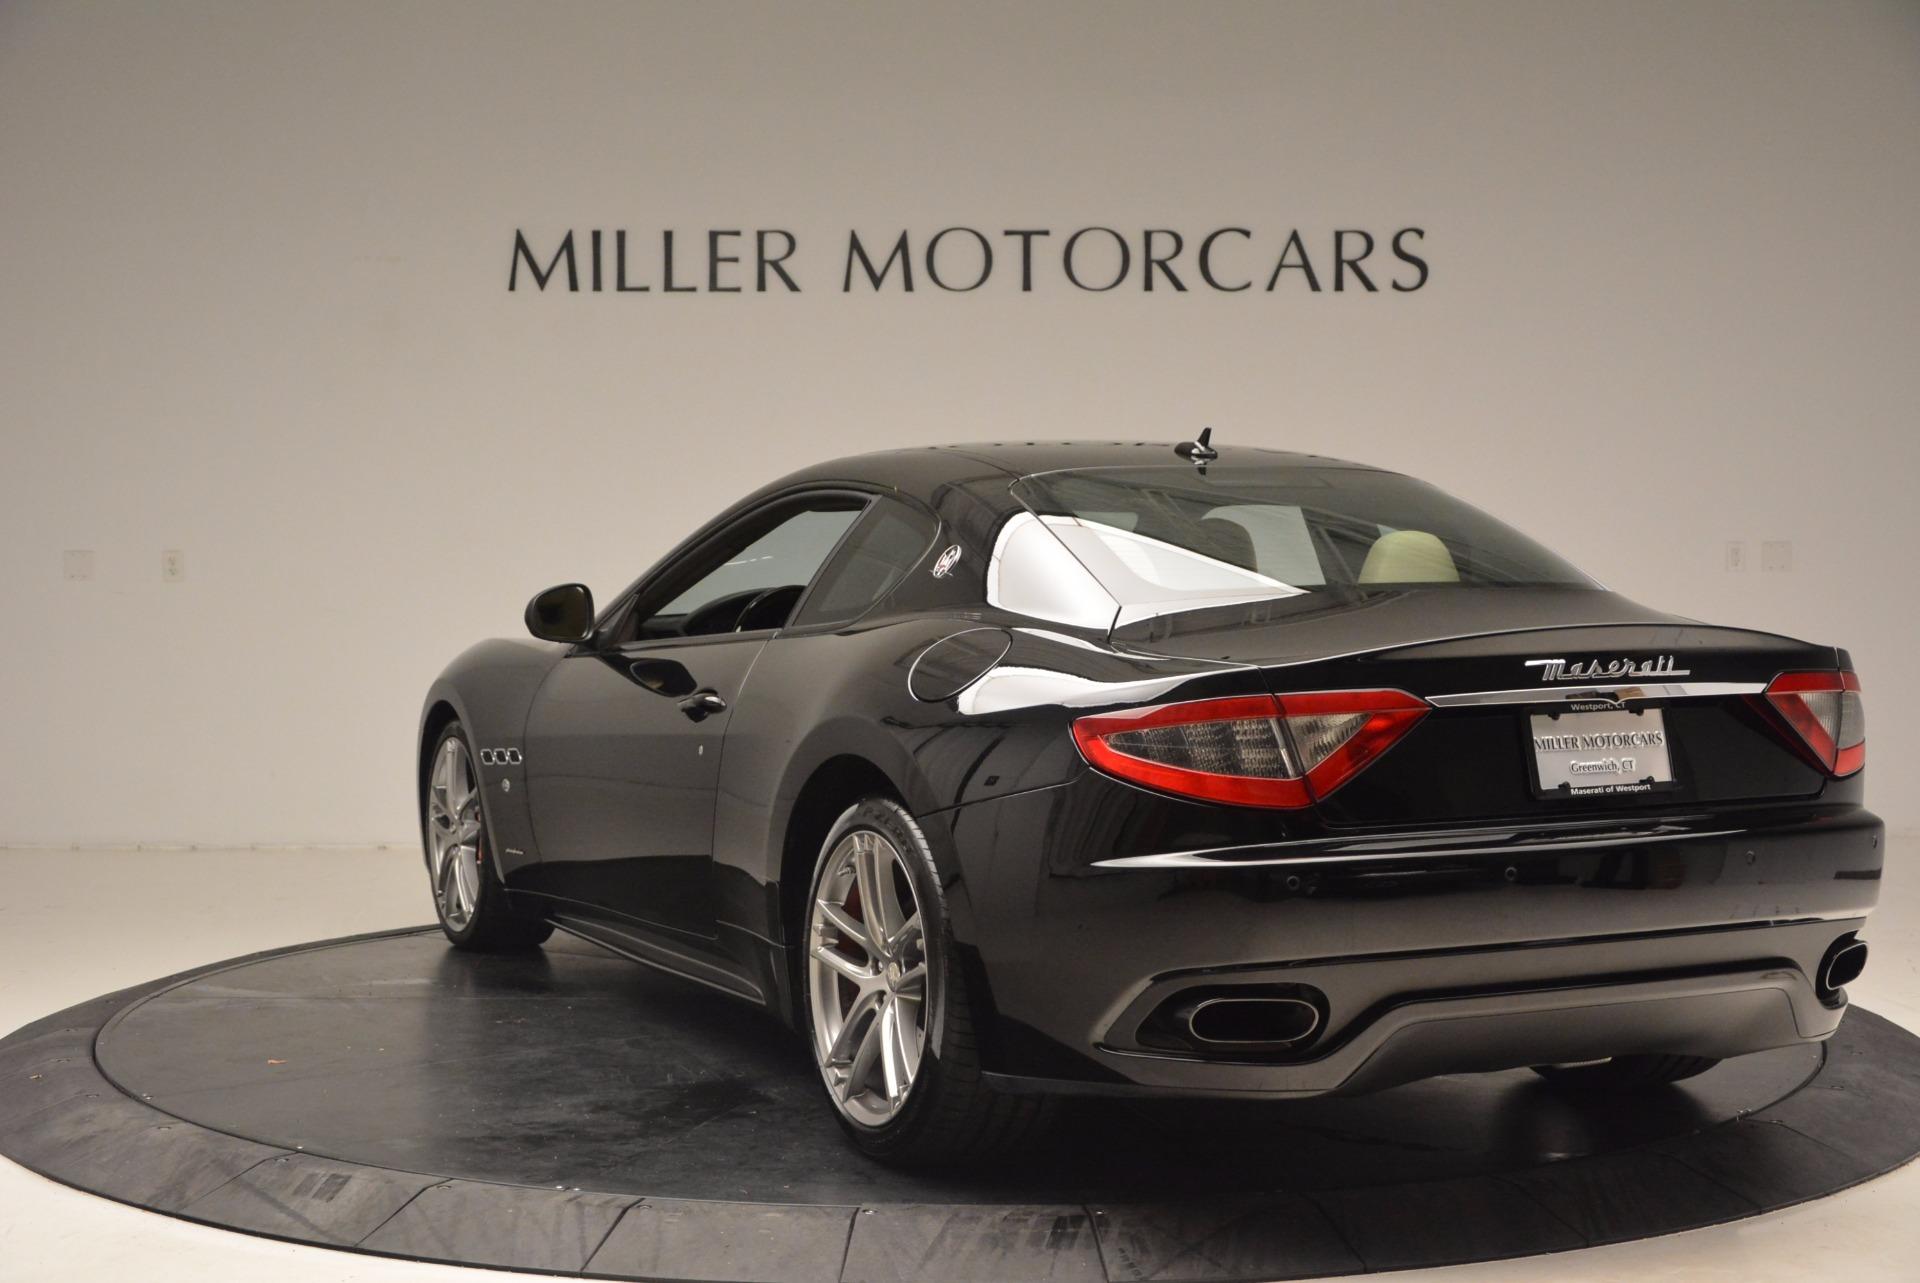 Used 2015 Maserati GranTurismo Sport Coupe For Sale In Greenwich, CT 1557_p5